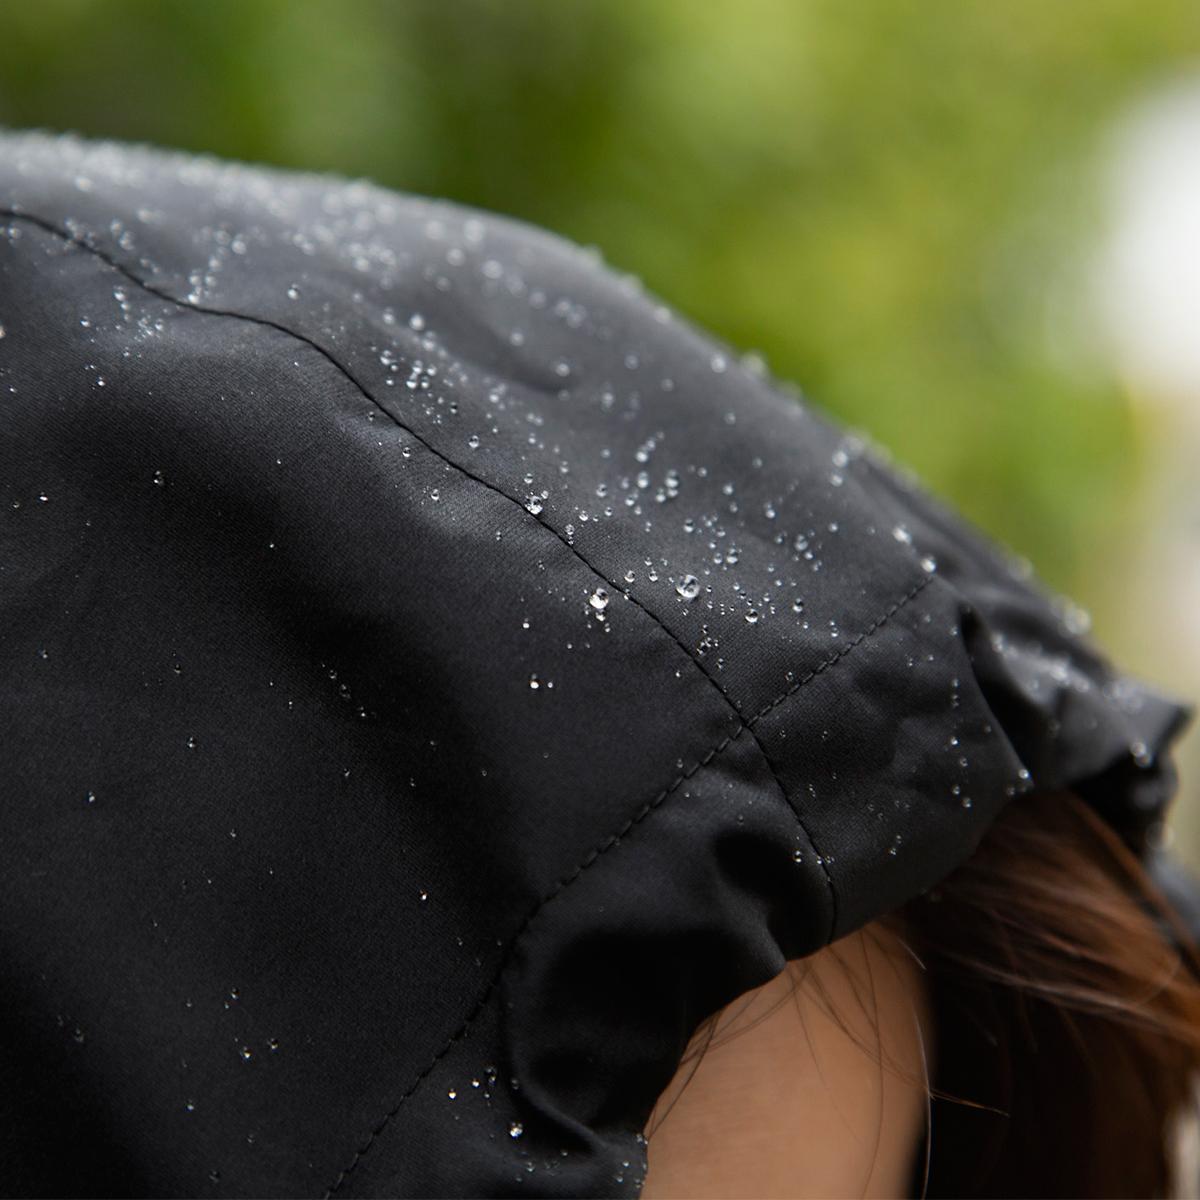 雨がスルスルと滑り落ちる撥水力。日中はサコッシュ、肌寒い朝晩はアウターに、旅やアウトドア、レジャーにぴったりな「バッグ一体型パーカー」| SANYO ENJIN